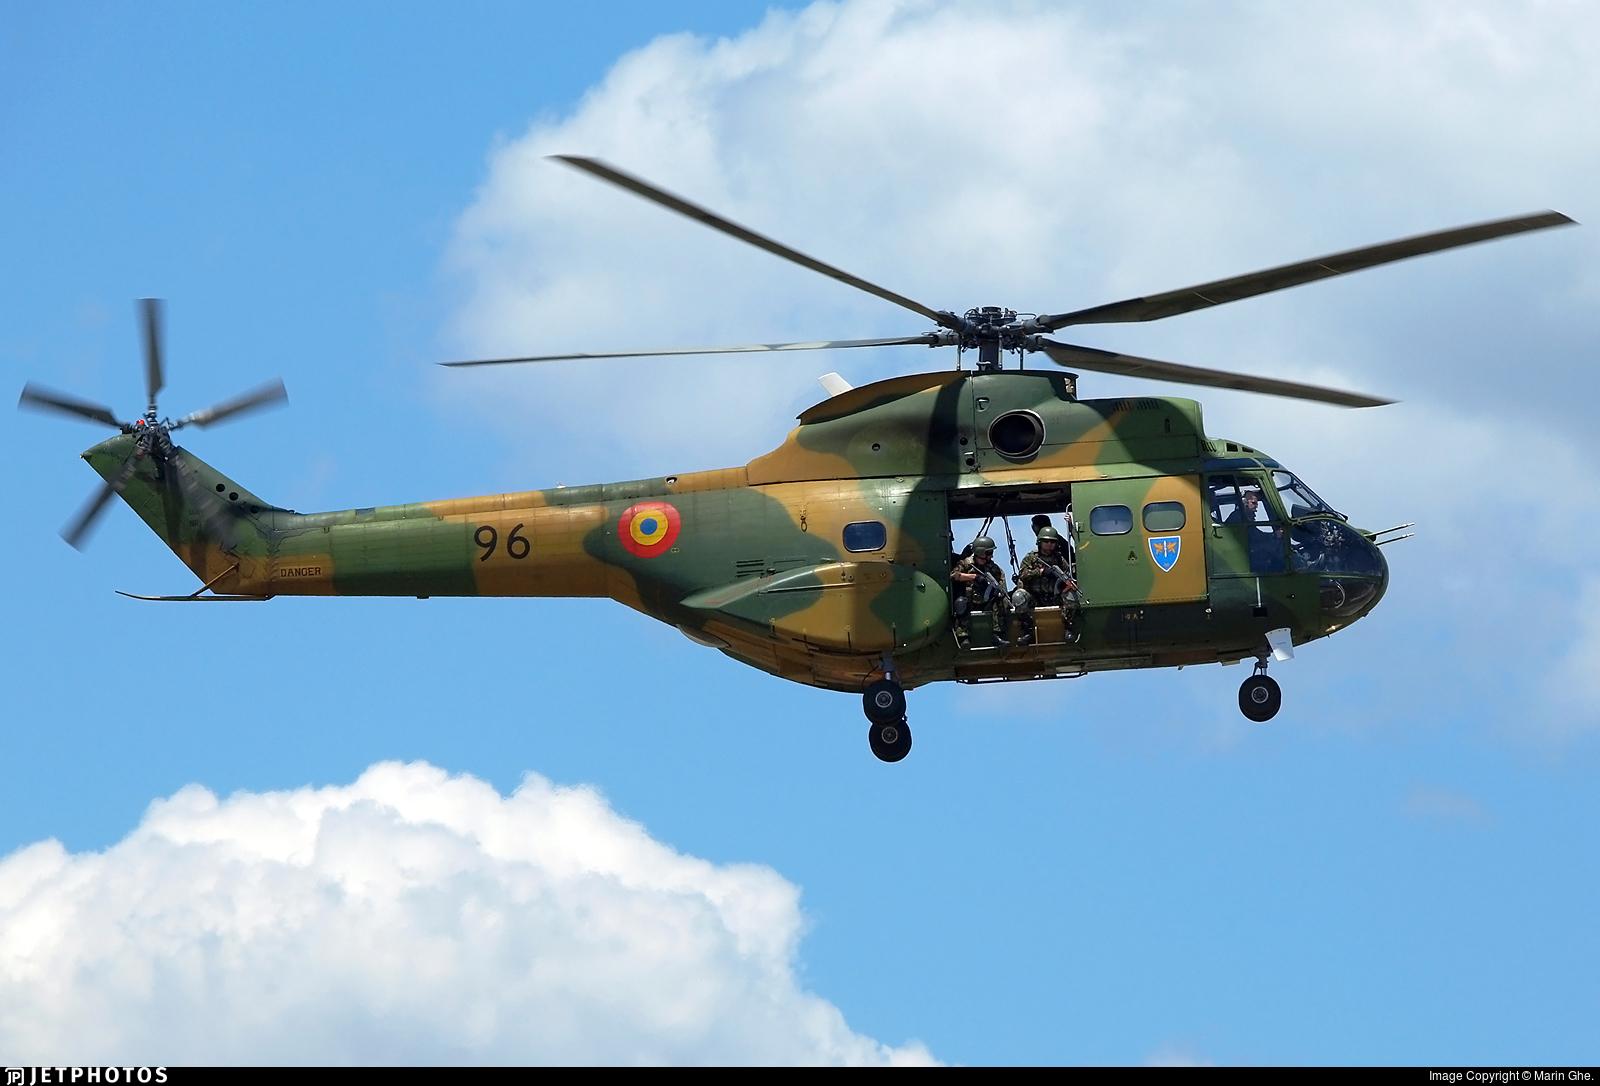 96 - IAR-330L Puma - Romania - Air Force